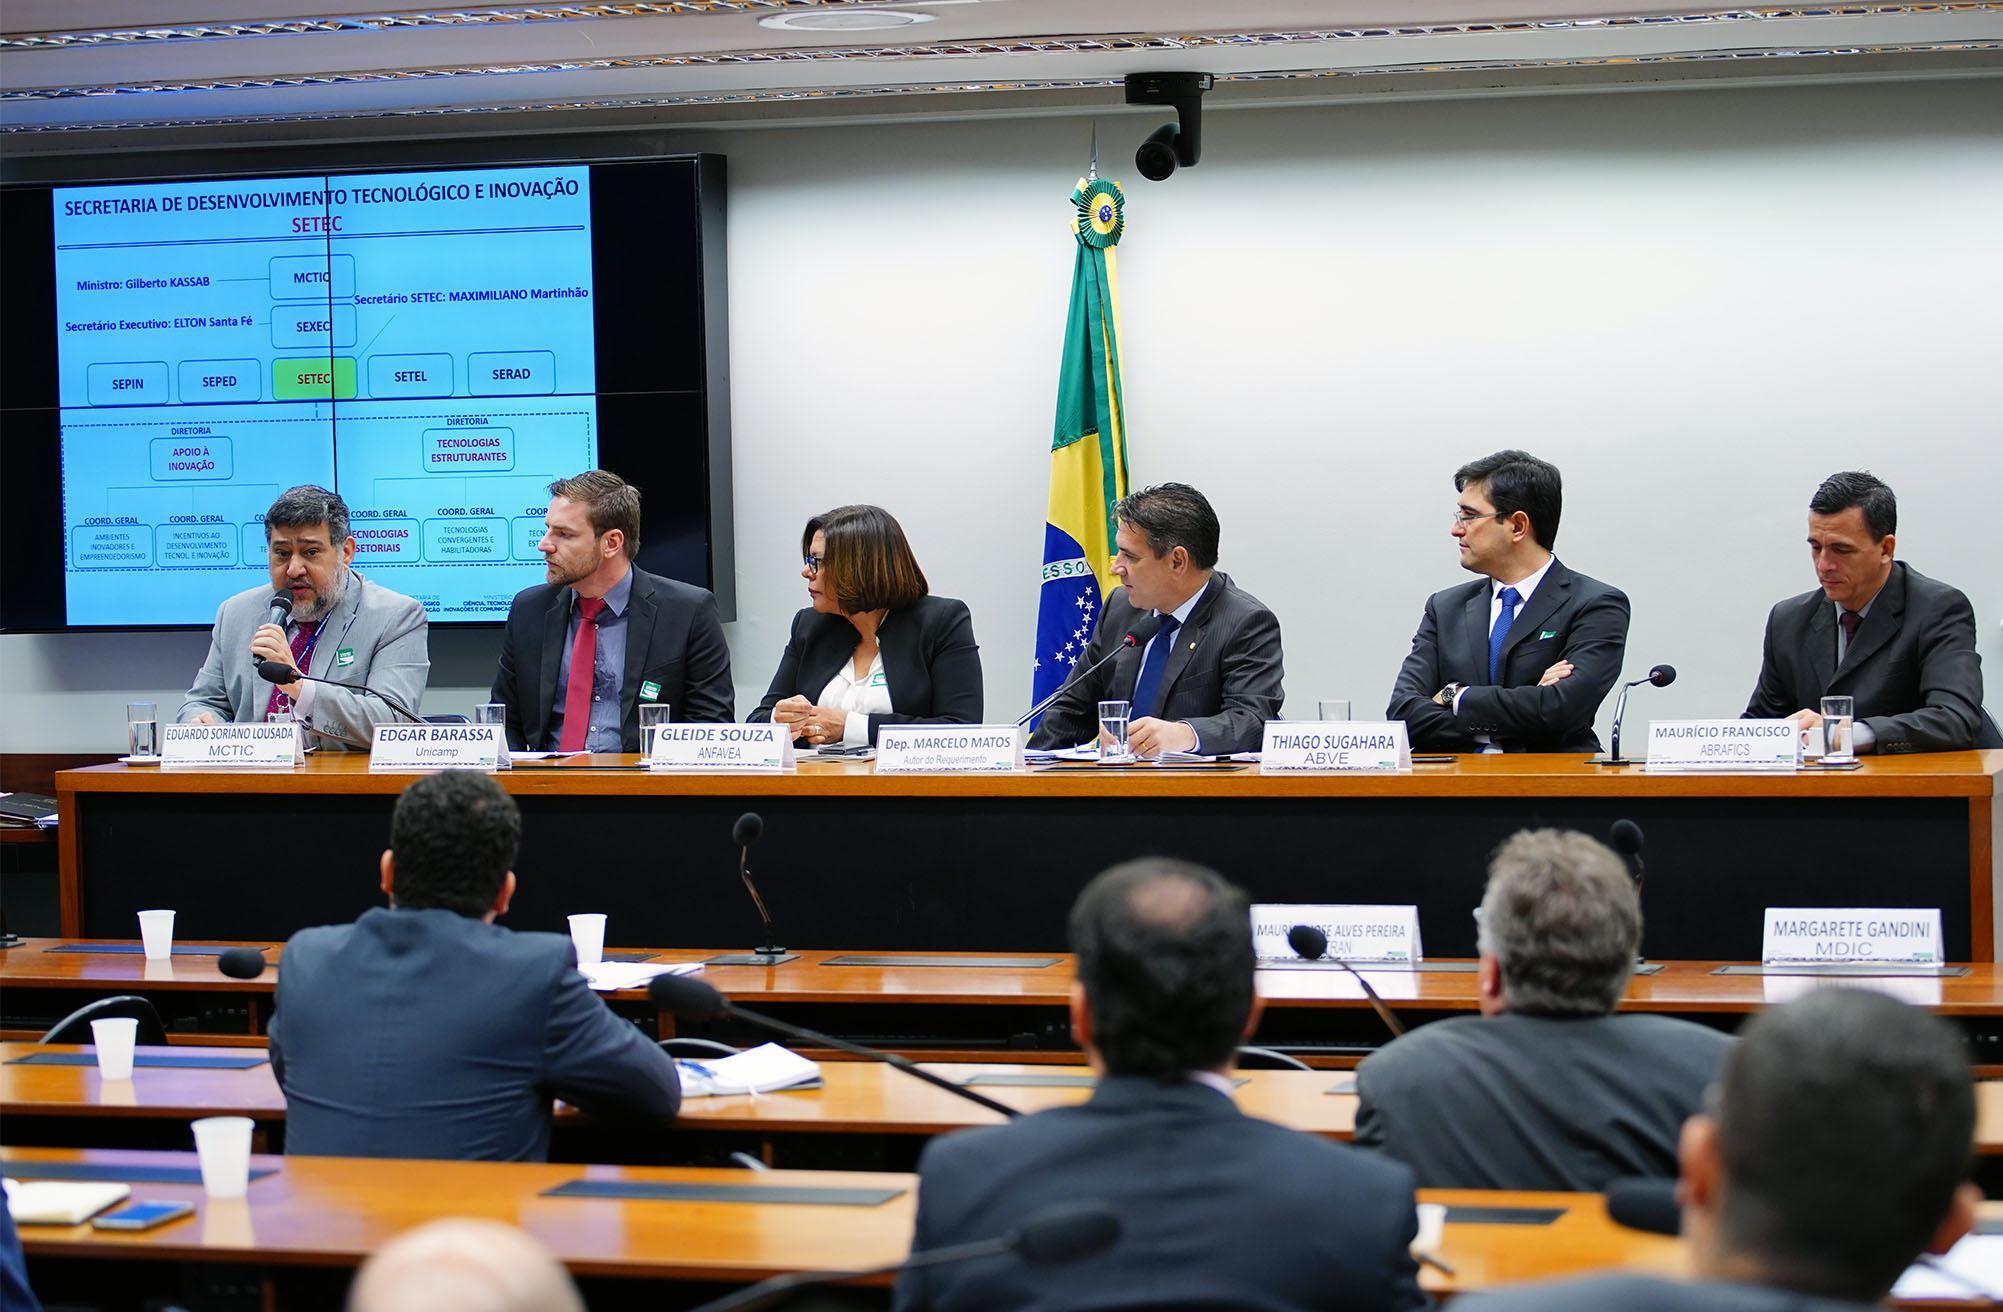 Audiência pública sobre a eletromobilidade no Brasil